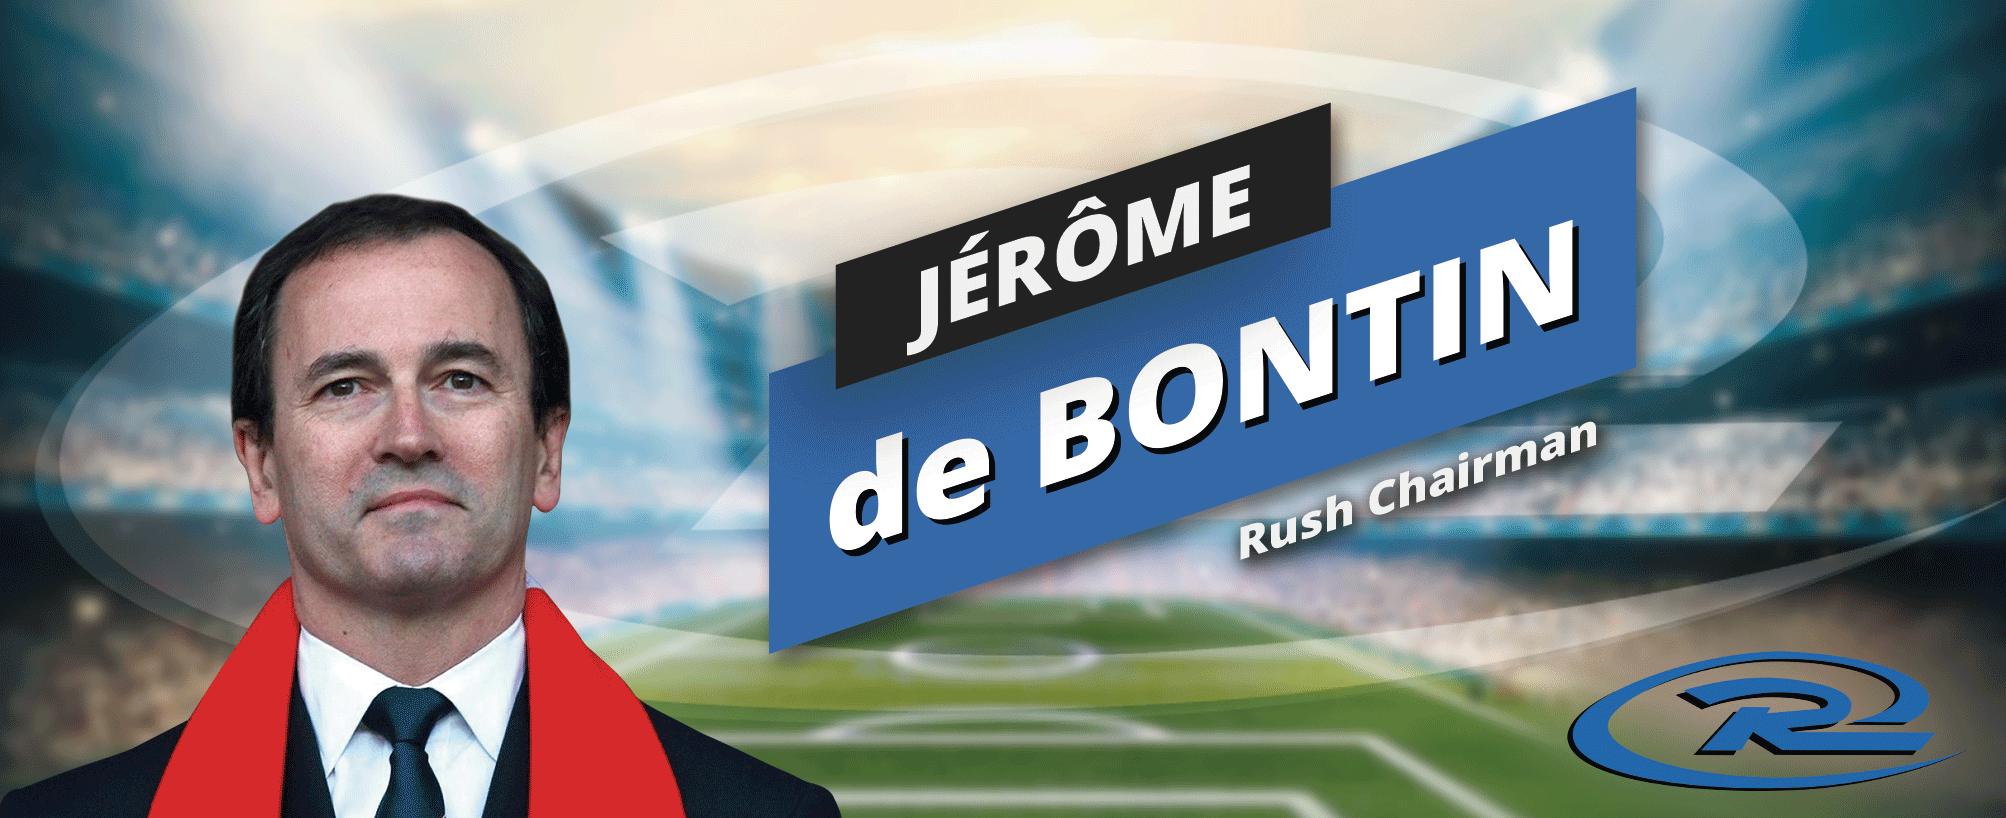 Je-rome-de-Bontin